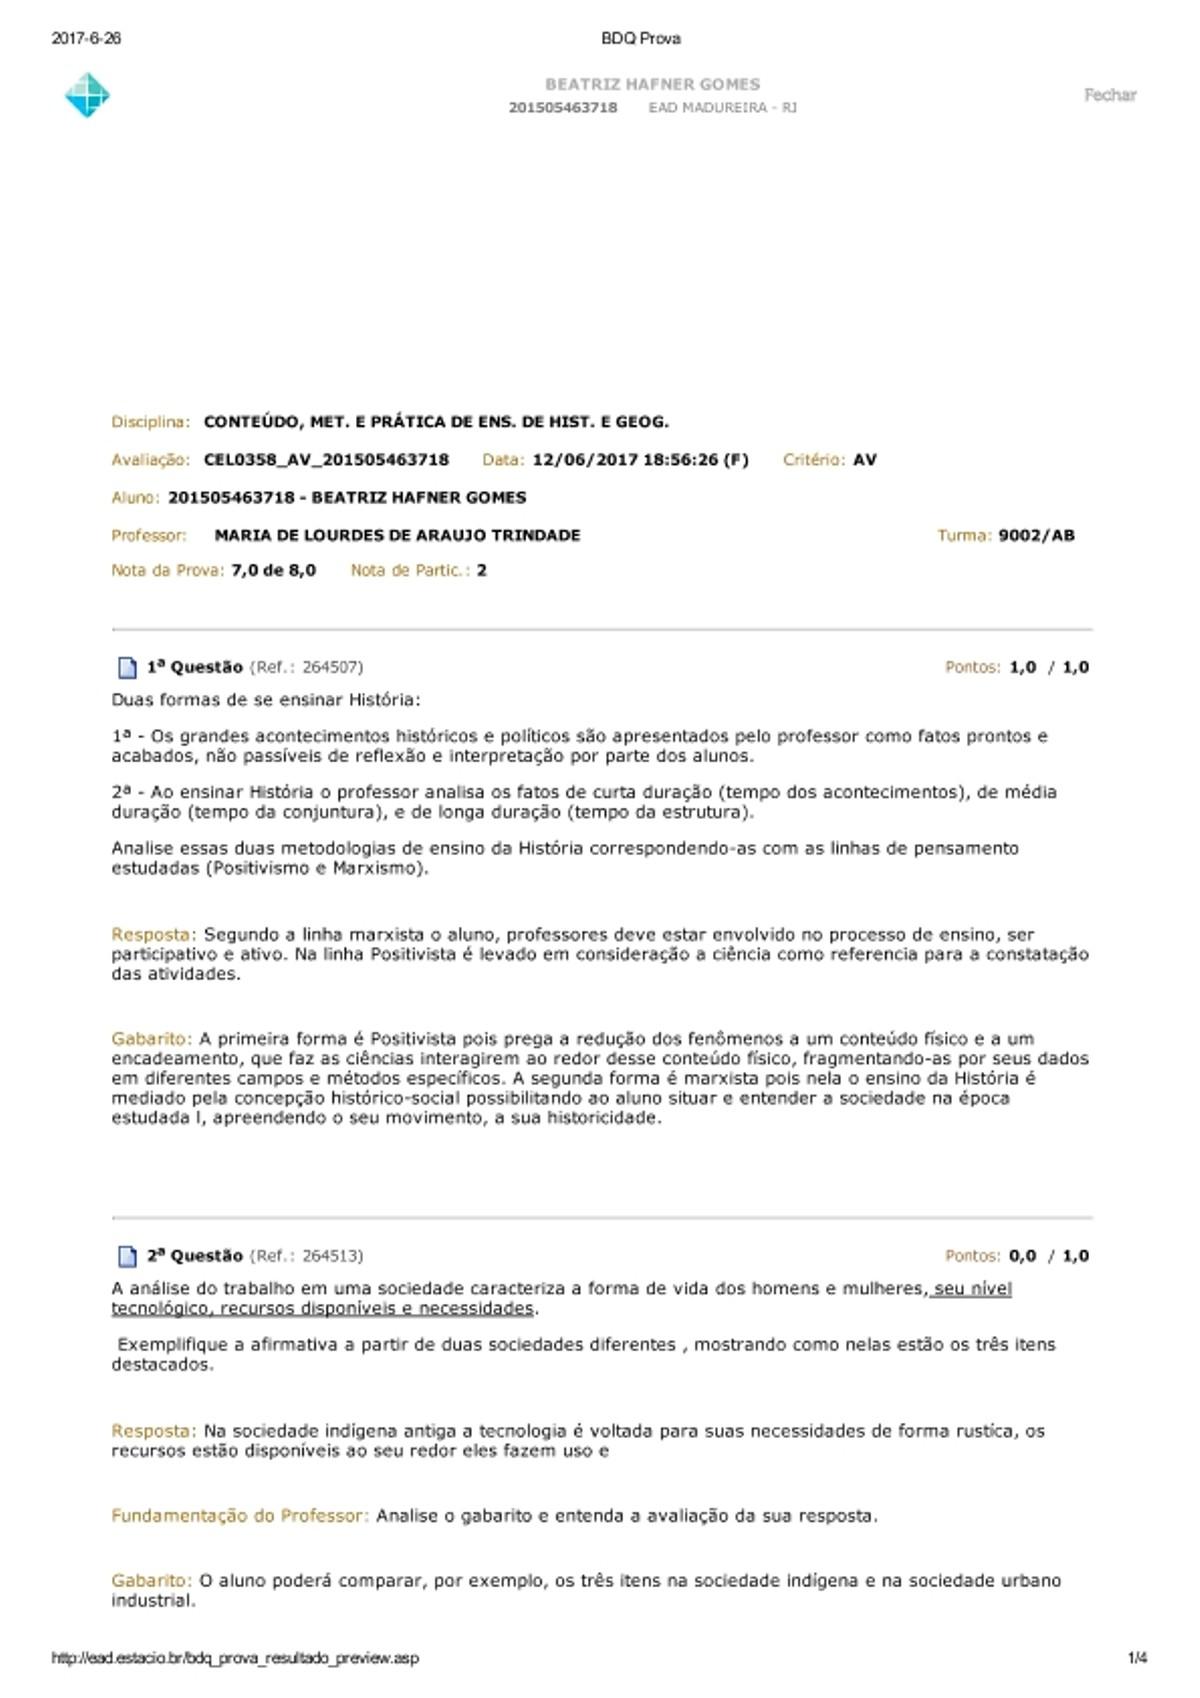 Pre-visualização do material AV CONTEÚDO, MET. E PRÁTICA DE ENS. DE HIST. E GEOG. - página 1